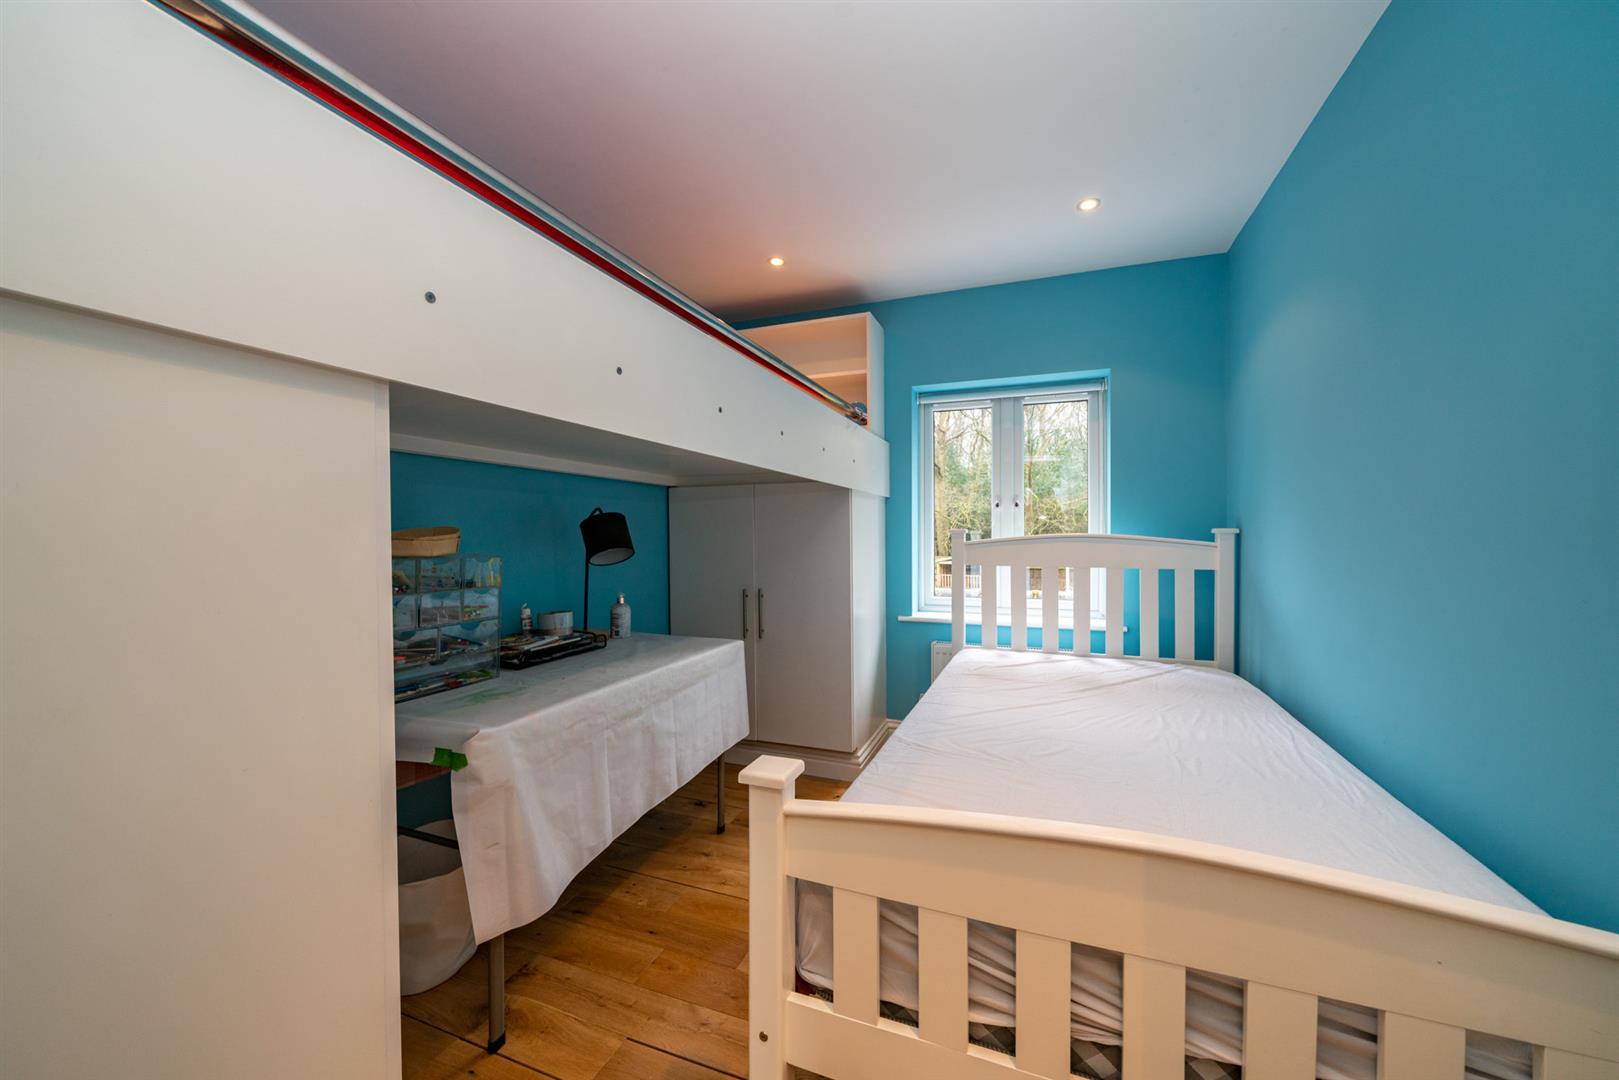 15-Hedgeside-6002 - bed 5.jpg